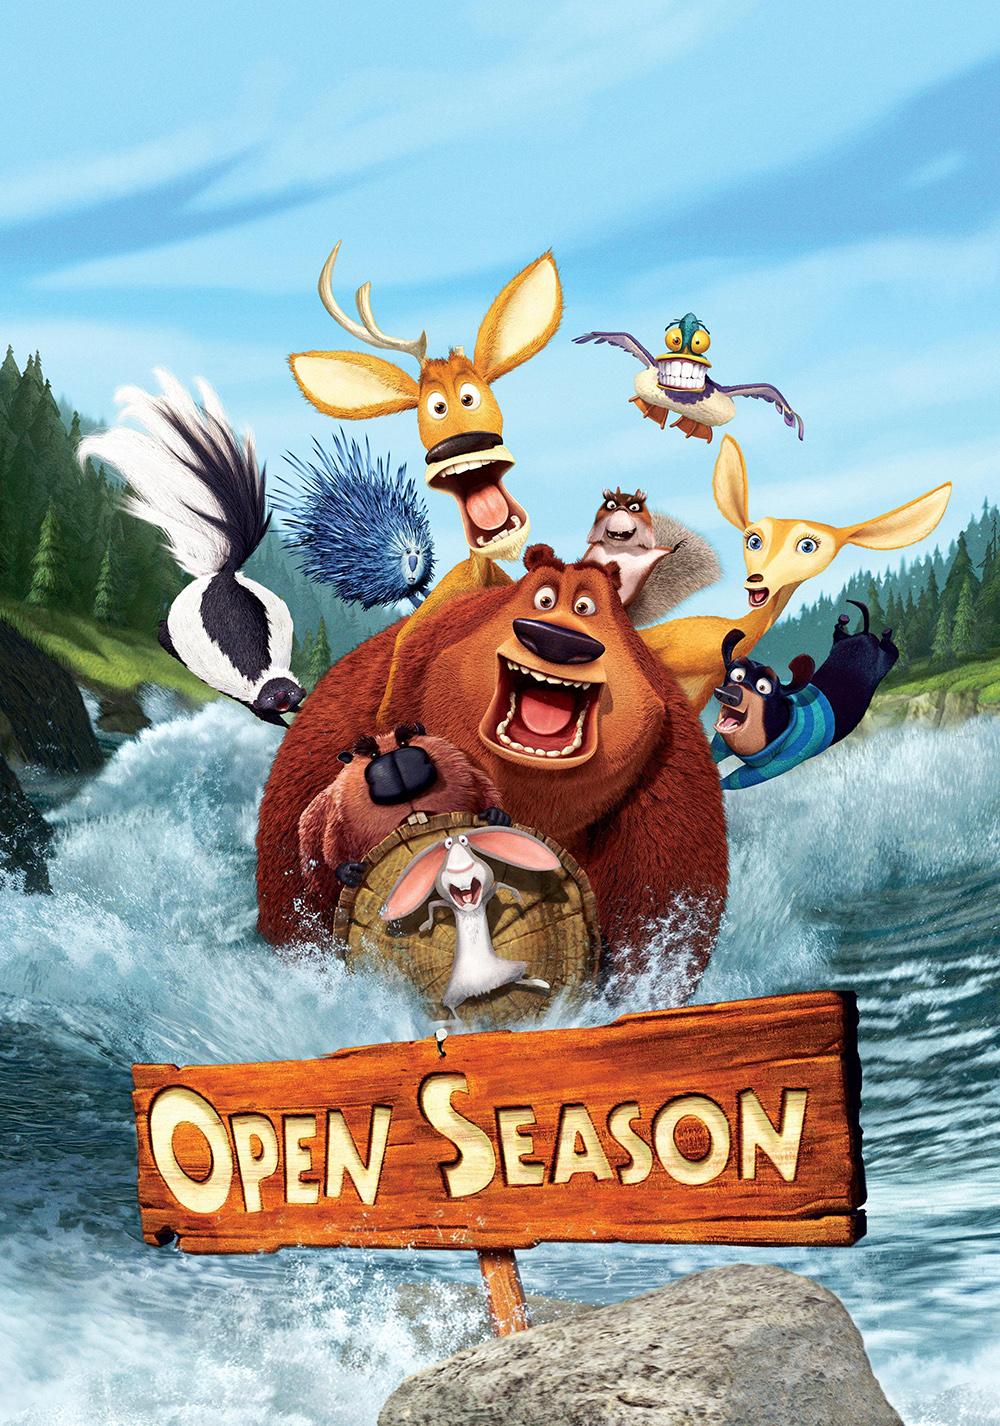 Open Season | Movie fanart